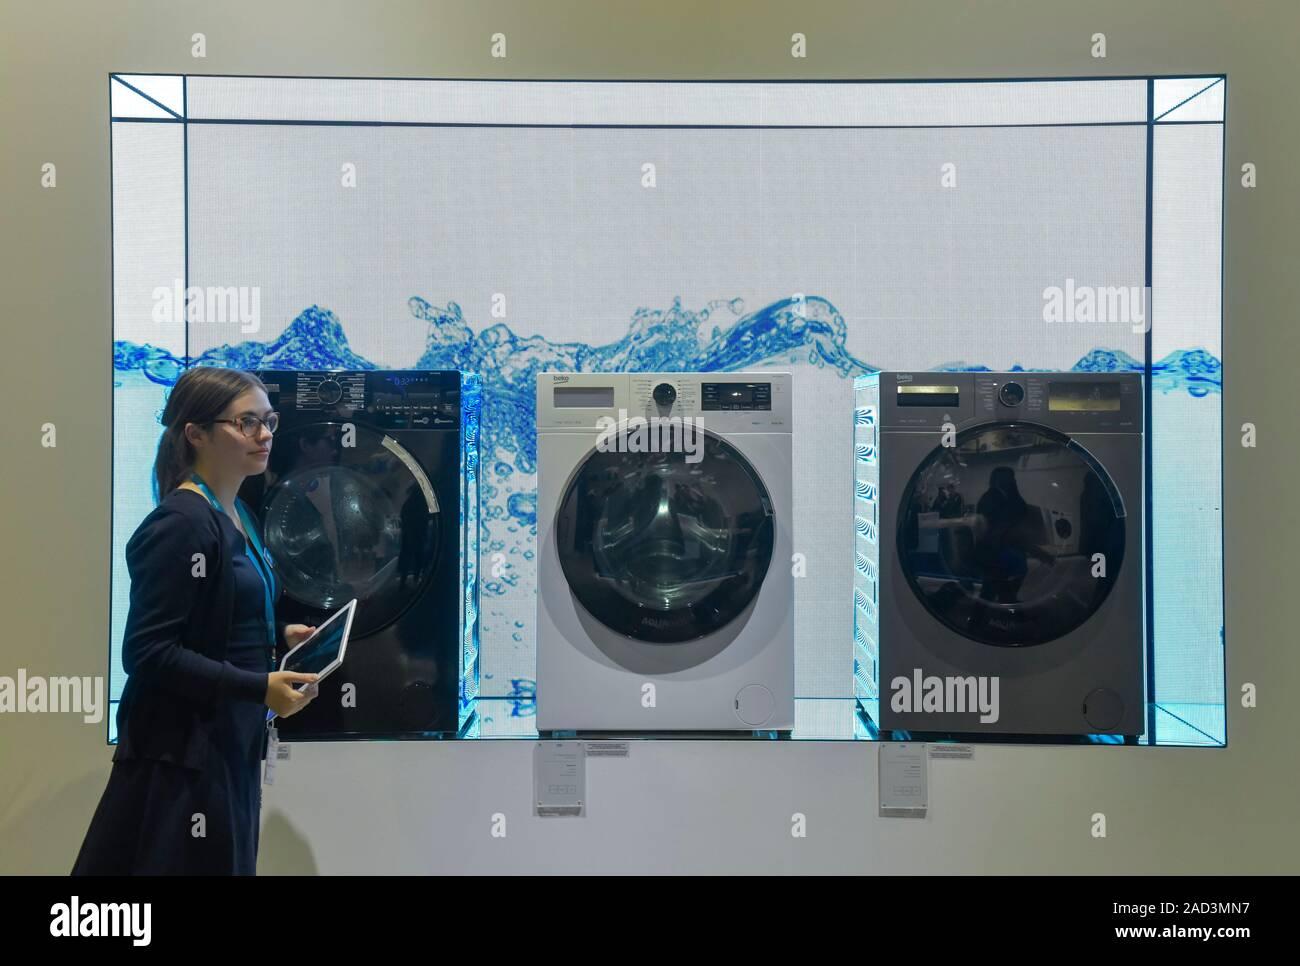 Waschmaschinen beko, Internationale Funkaustellung, Berlin 2019, Deutschland Stock Photo